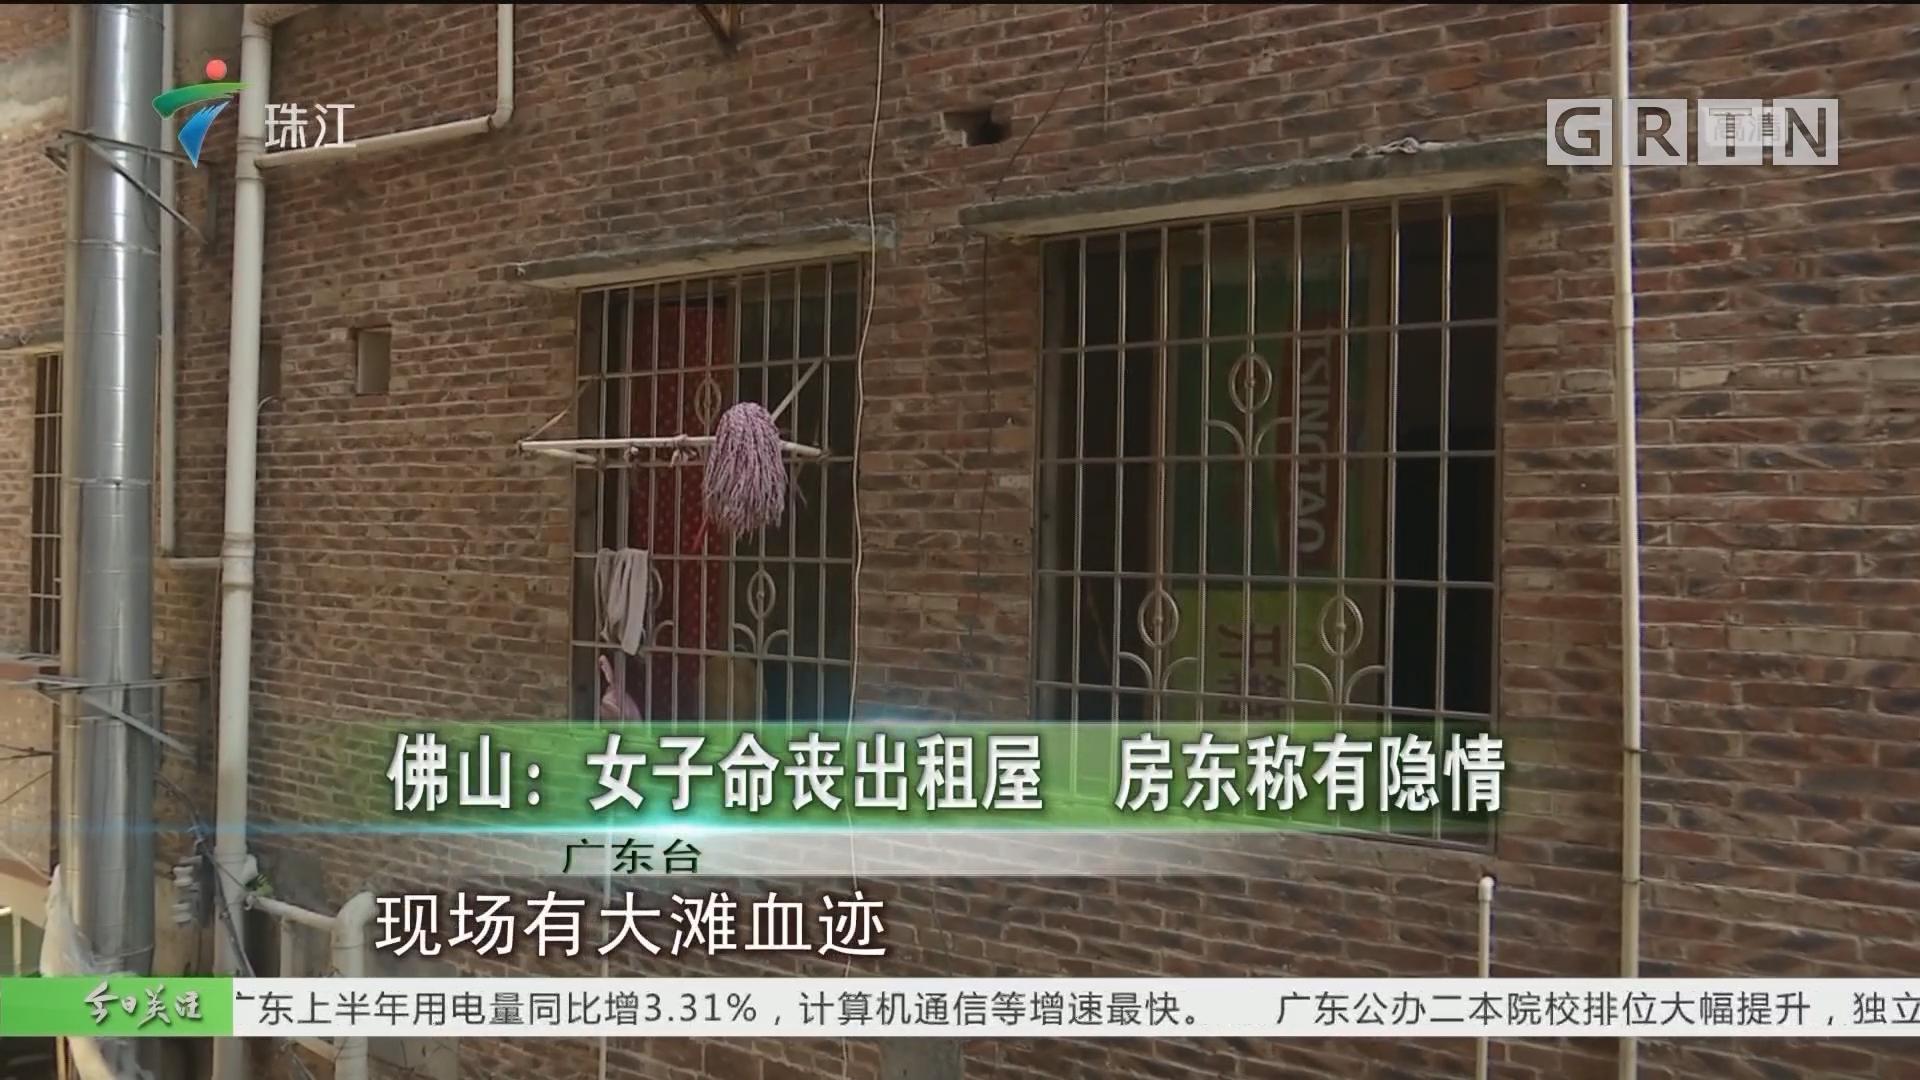 佛山:女子命丧出租屋 房东称有隐情